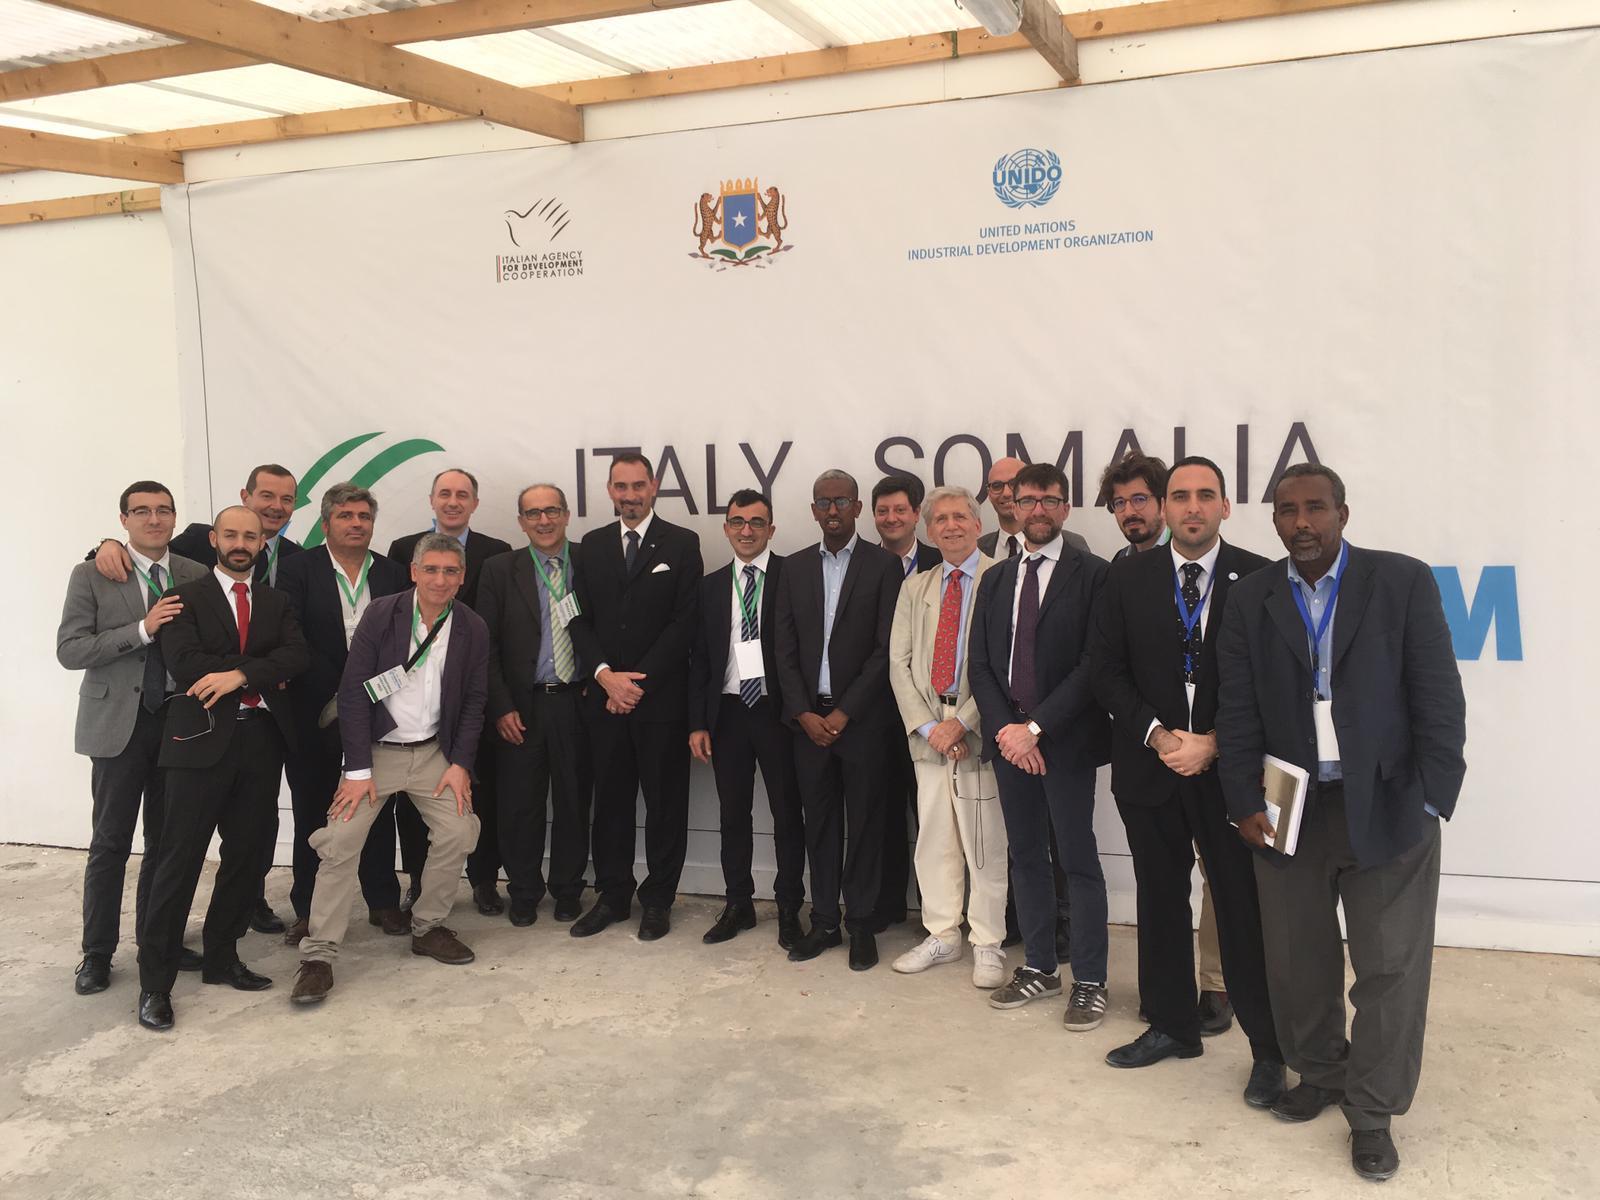 Una delegazione di aziende italiane partecipa all'Italy-Somalia Business Forum grazie al supporto di UNIDO ITPO Italy